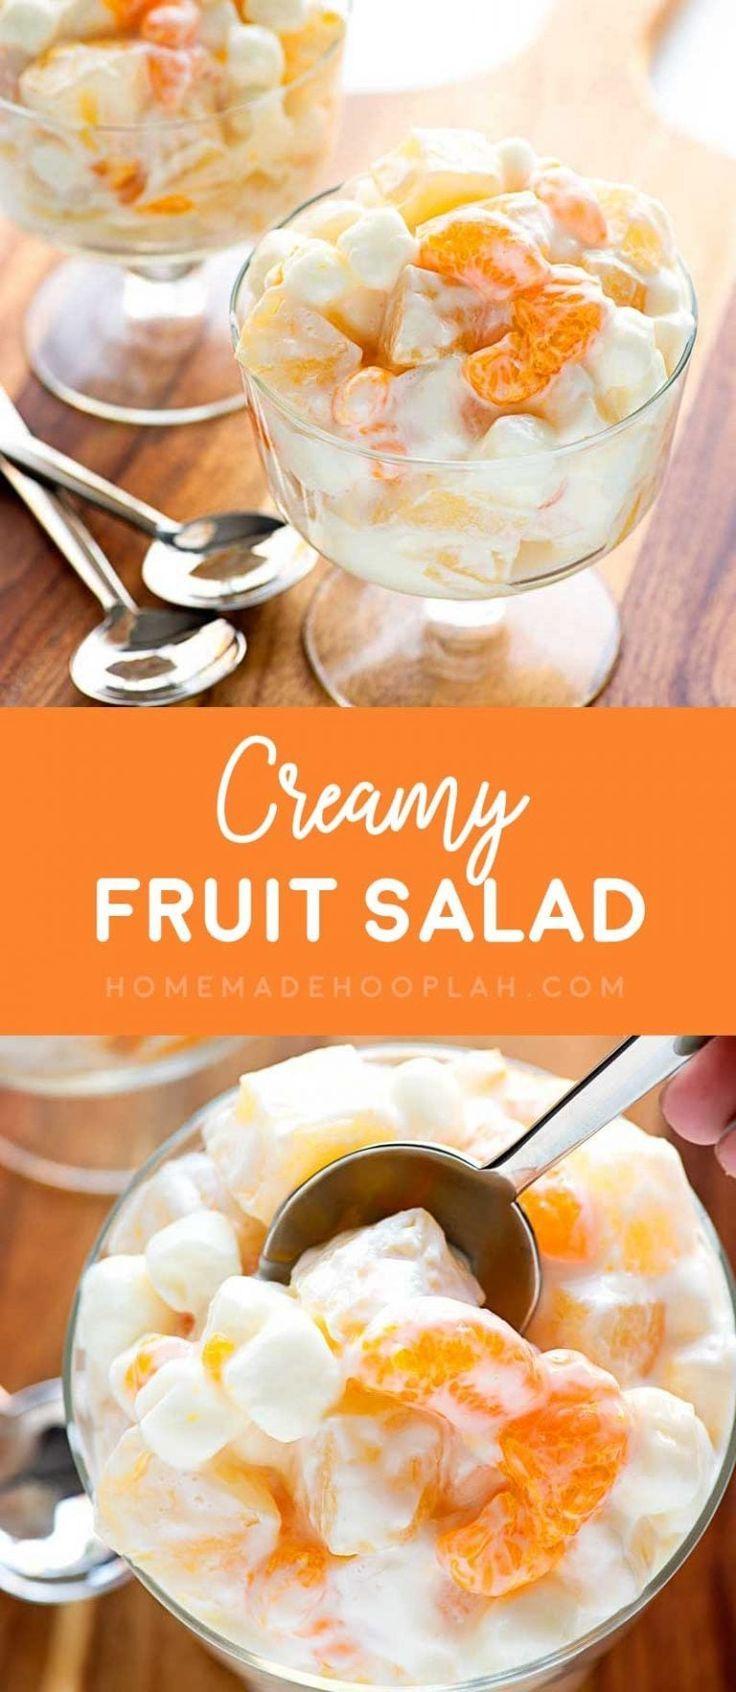 Cremiger Obstsalat! Ein sommerliebender Obstsalat mit Mandarinen, Ananas ...   - Dessert - #Ananas #Cremiger #Dessert #ein #Mandarinen #mit #Obstsalat #sommerliebender #fruitsalad